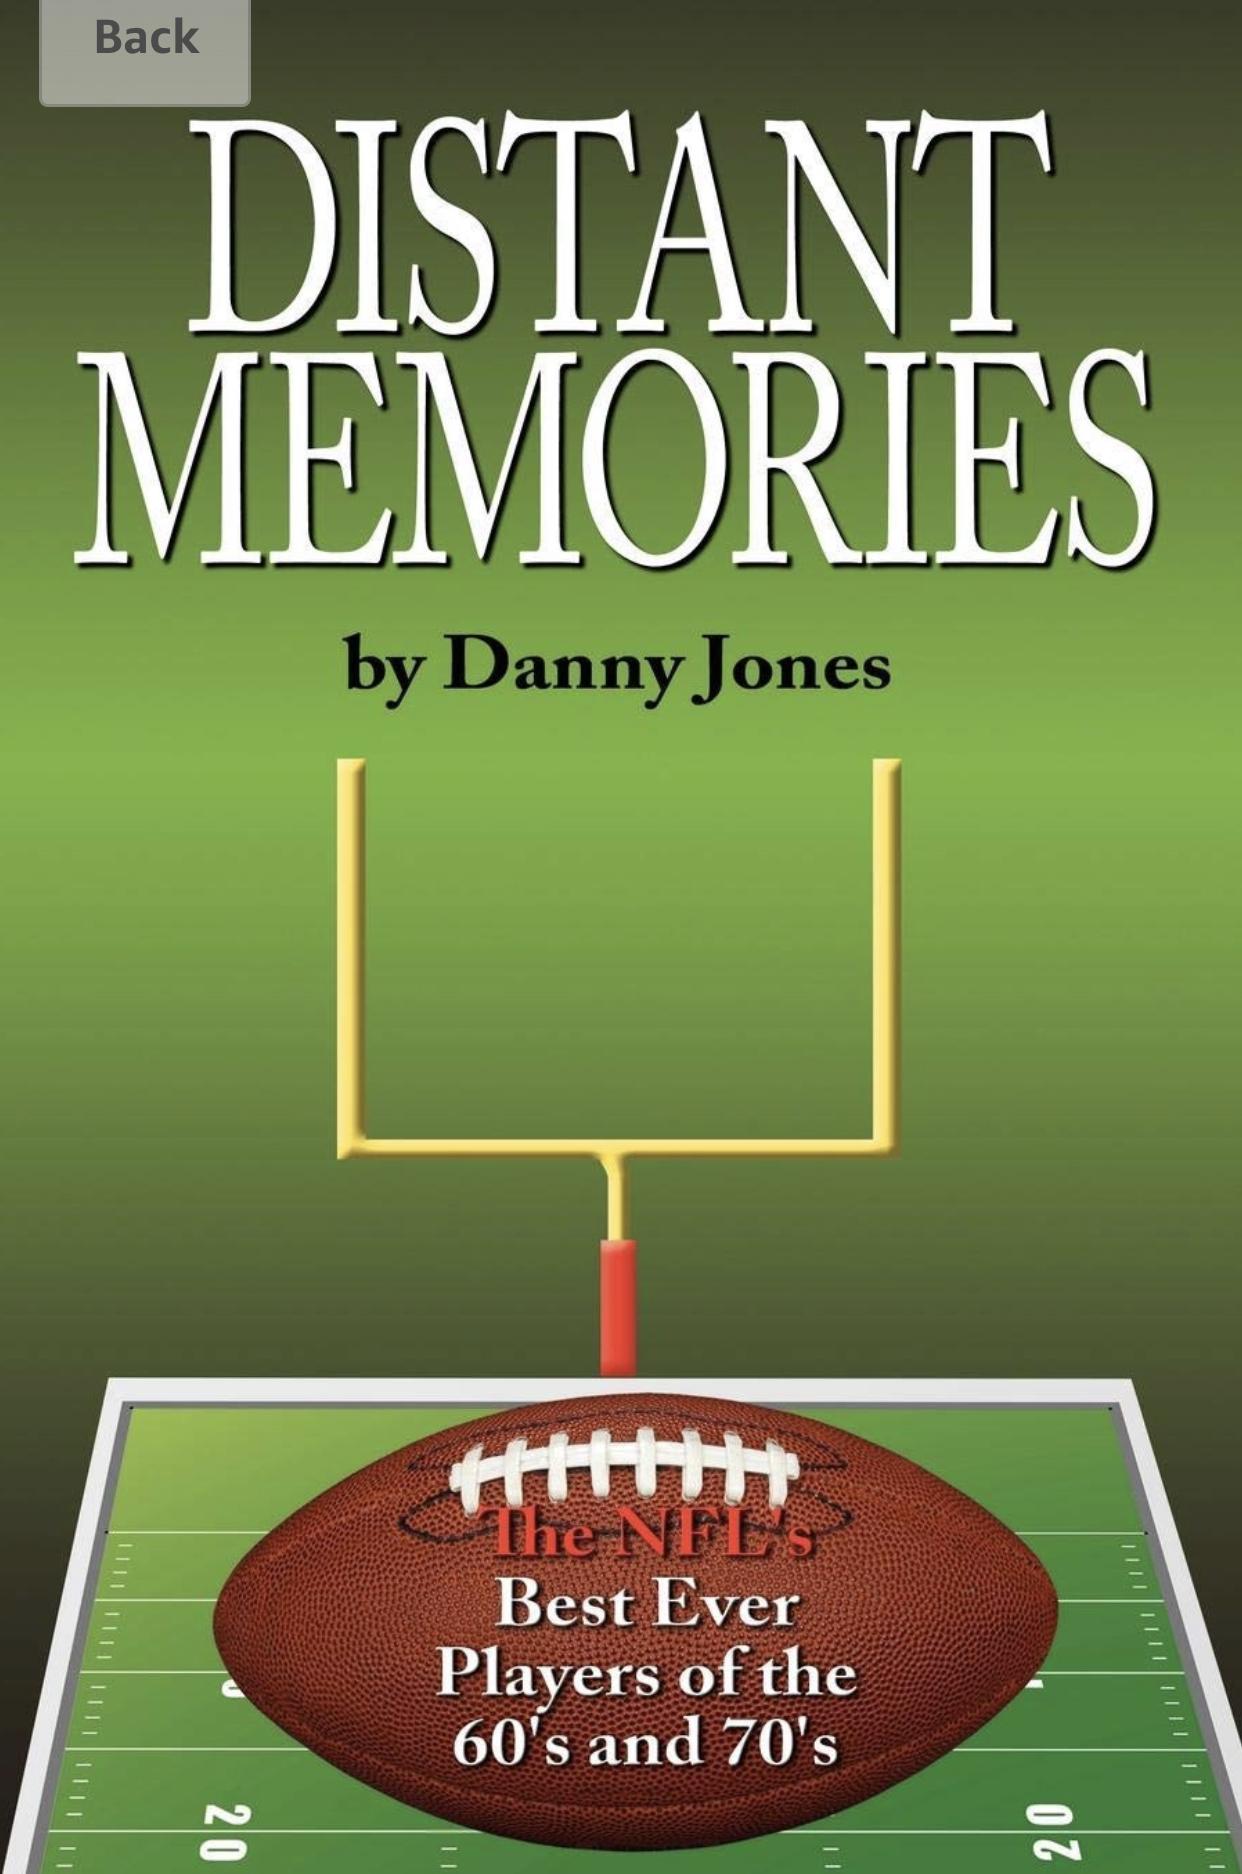 DISTANT MEMORIES